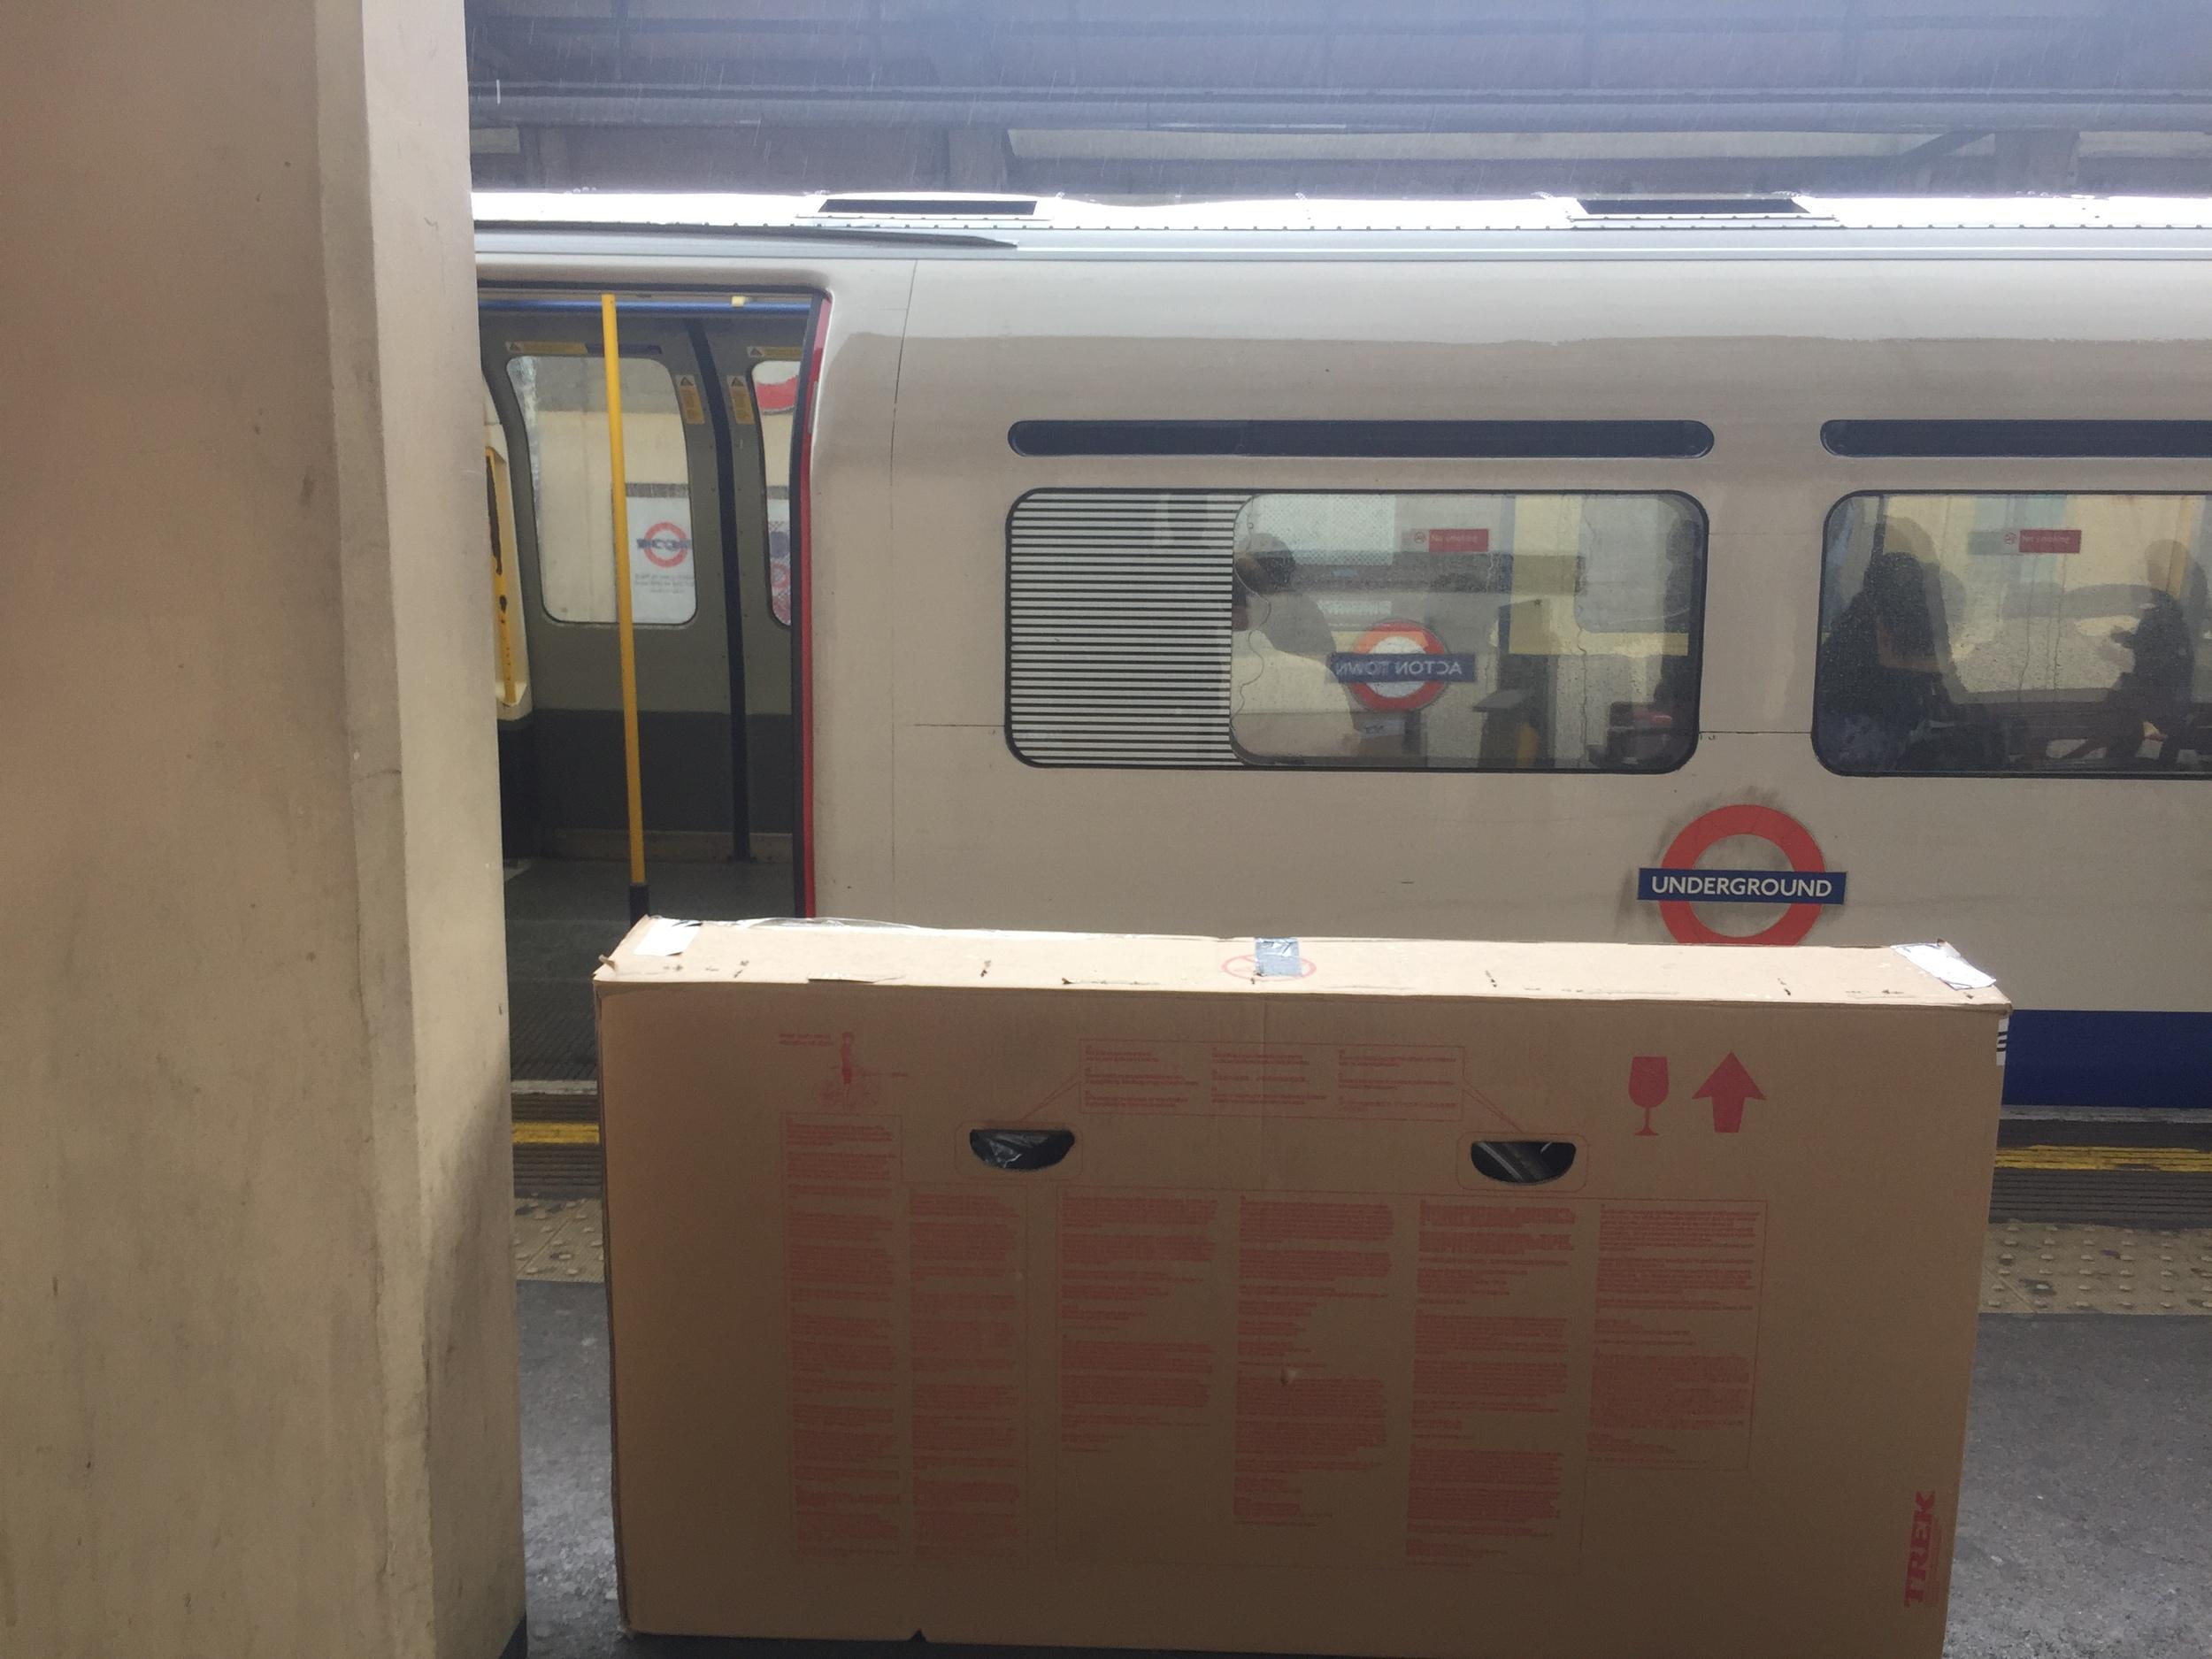 Bike box on the tube